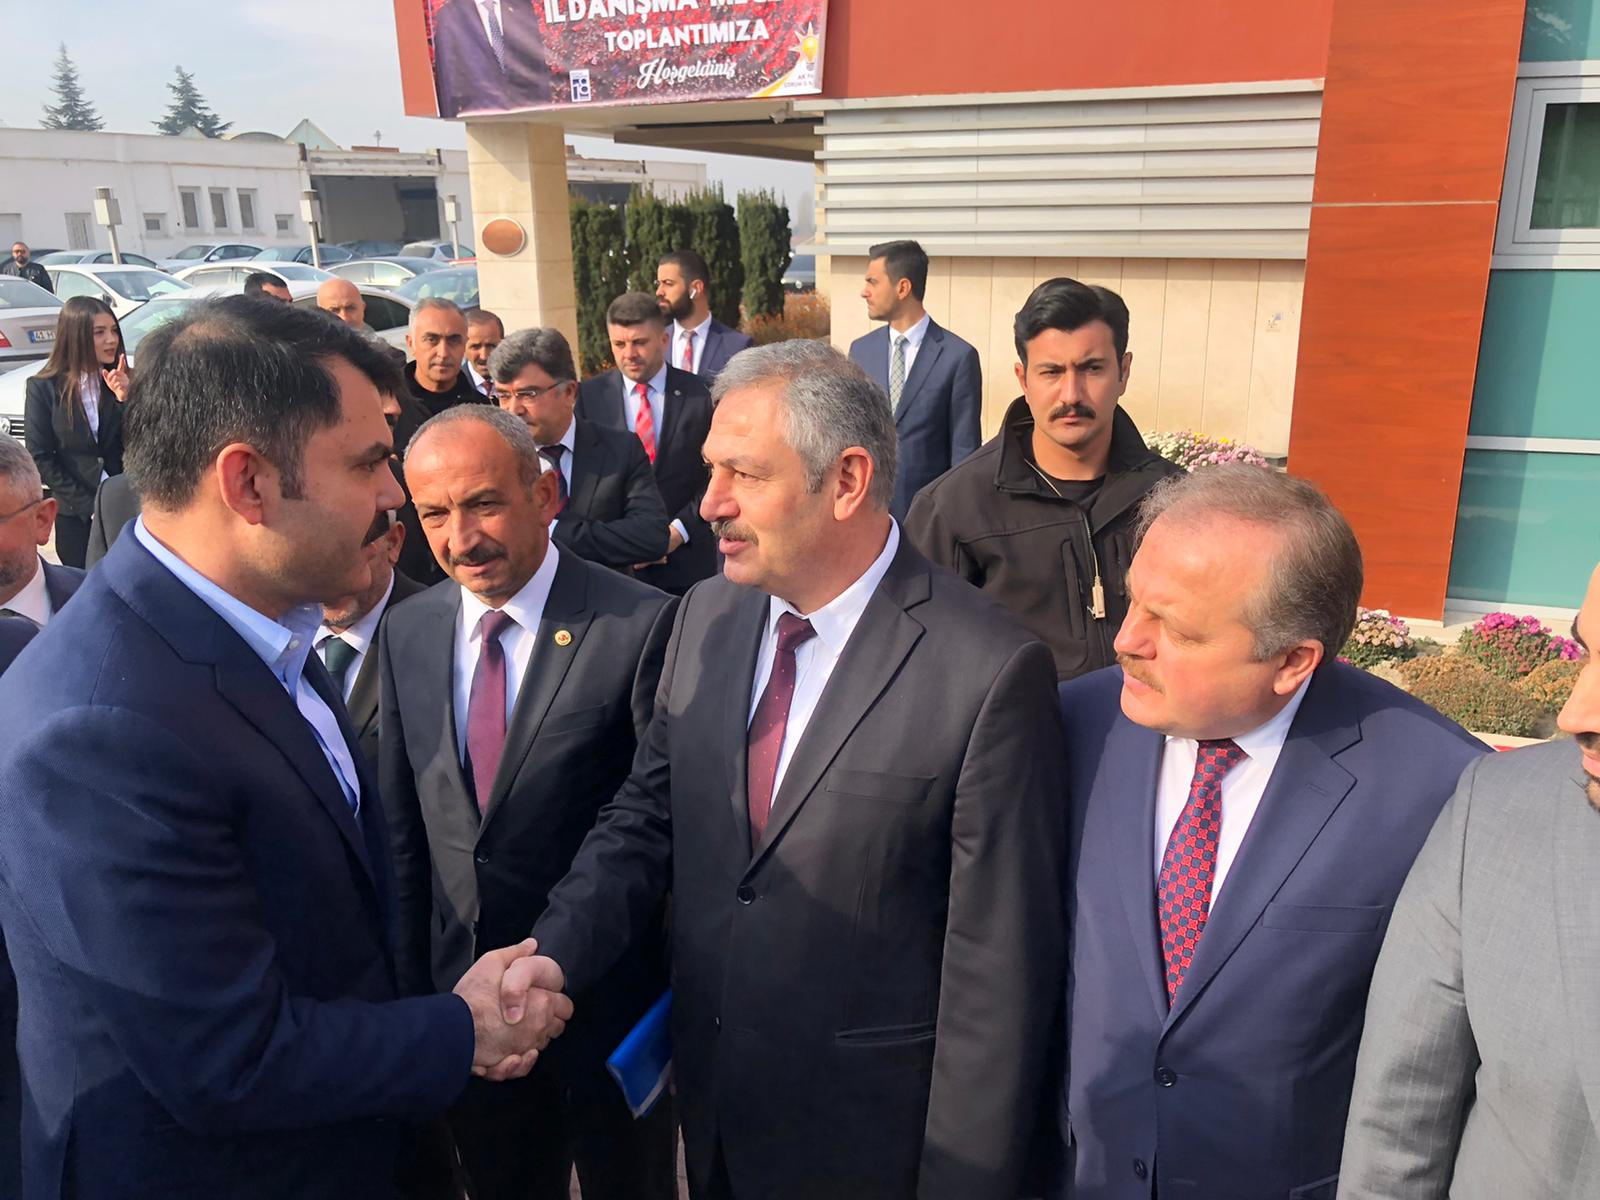 Çevre ve Şehircilik Bakanımız Sayın Murat KURUM, Bir Dizi Ziyaret ve İncelemelerde Bulunmak Üzere Çorum'a Geldi.